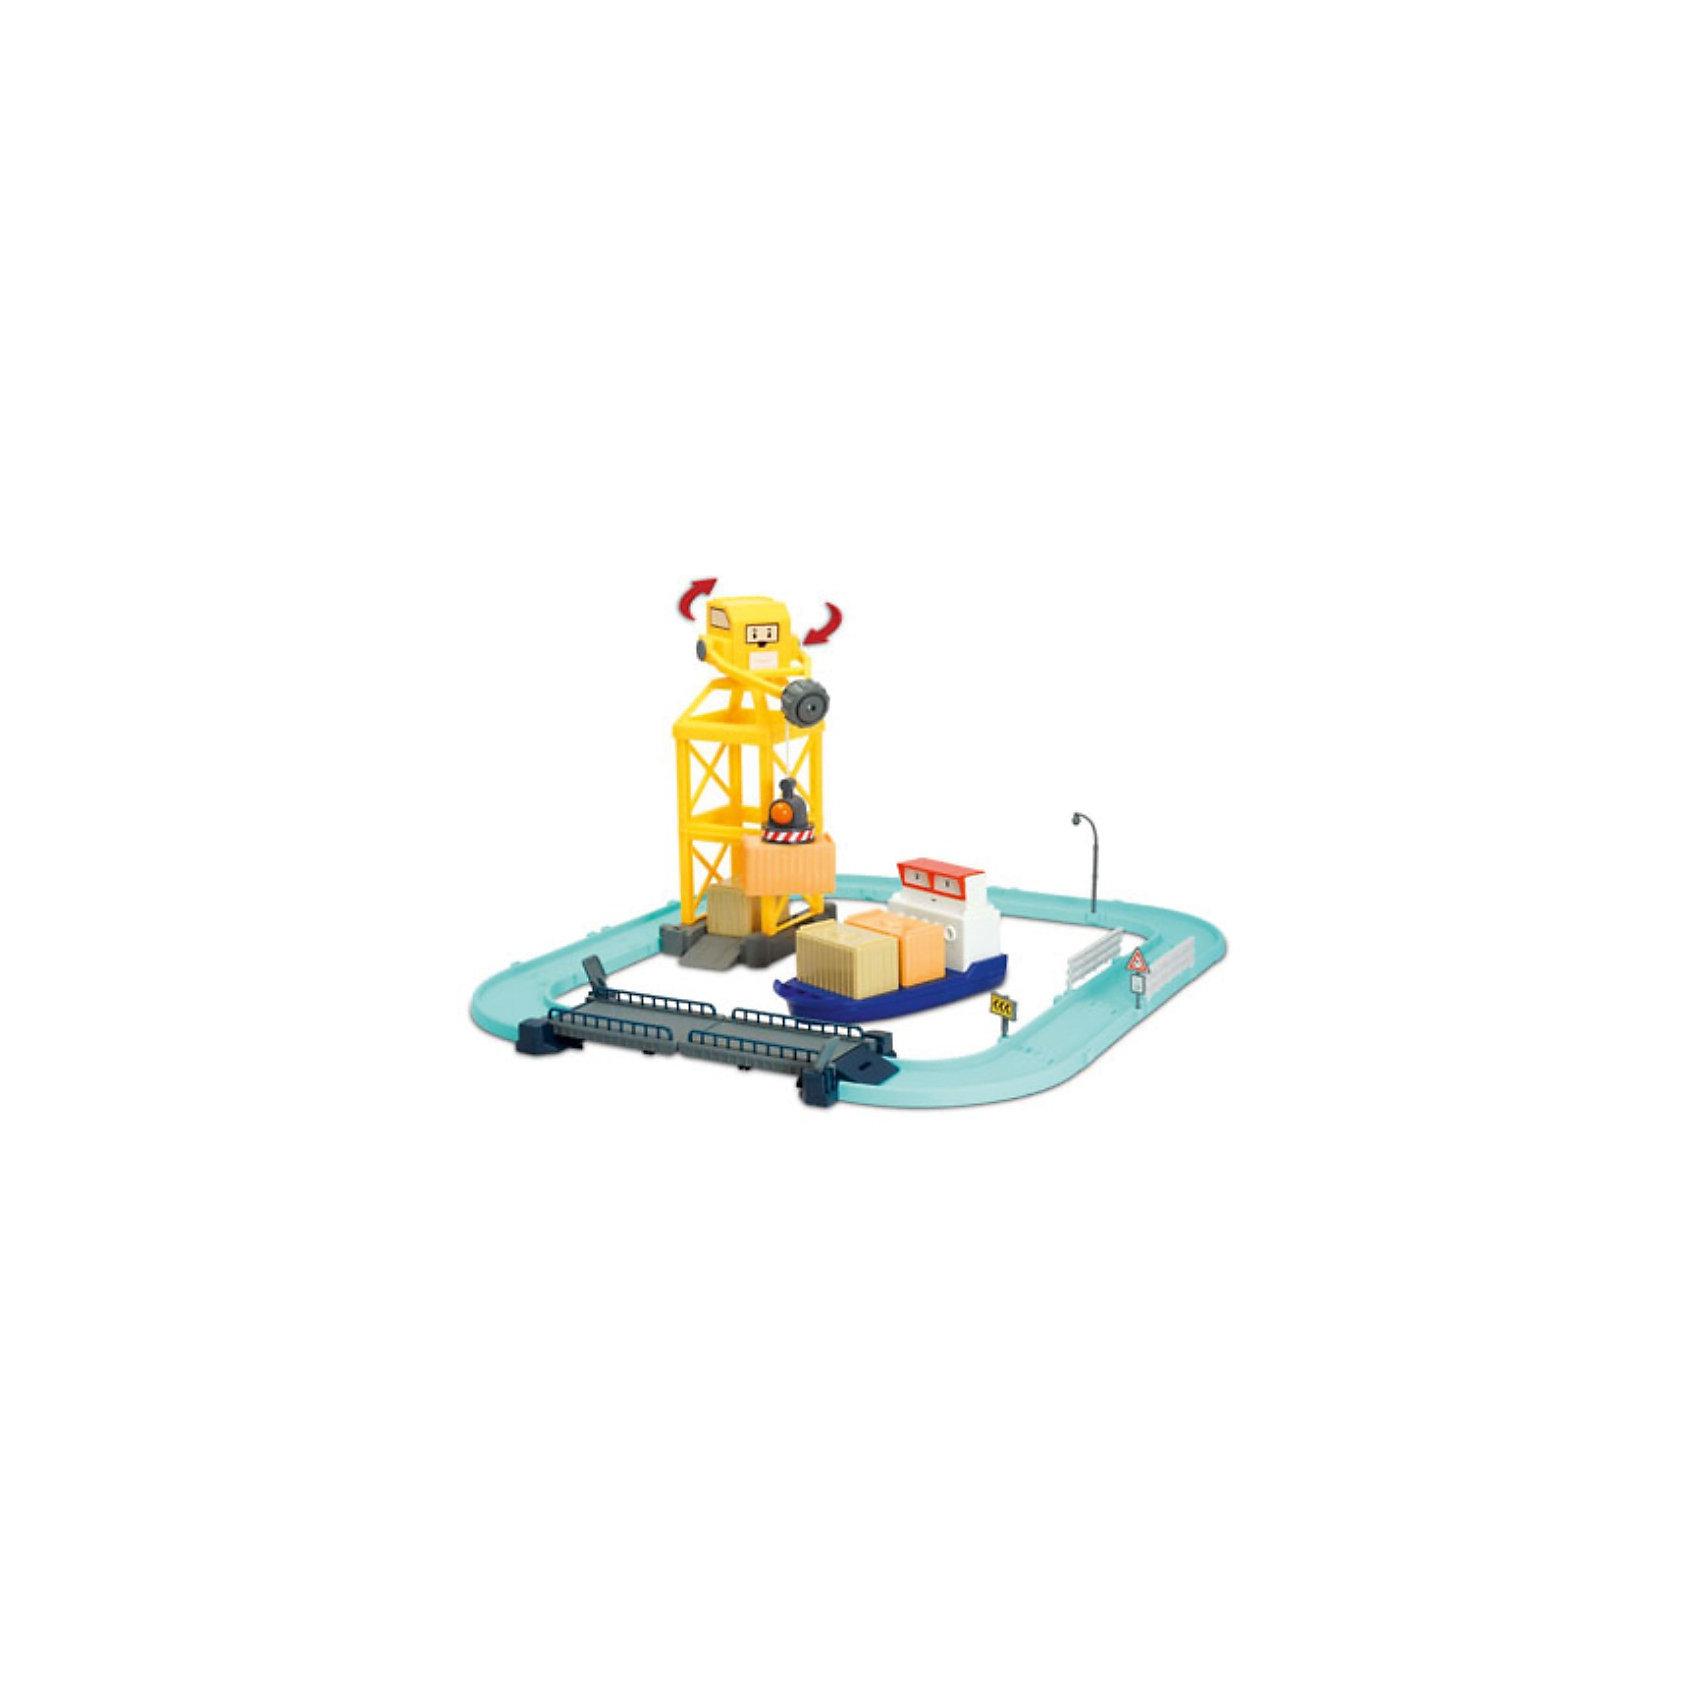 Игровой набор «Порт с разводным мостом», Робокар ПолиИгровые наборы<br>Порт с разводным мостом, Робокар Поли - увлекательный игровой набор, который обязательно понравится всем юным поклонникам мультсериала Робокар Поли (Robocar Poli).<br>Спасательная команда служебных машинок всегда готова прийти на помощь жителям городка Брумстаун и выручить в любой ситуации. В комплекте Вы найдете детали городского порта с разводным мостом и металлическую фигурку контейнеровоза Терри.<br><br>В центральной части порта расположилась стоянка грузовых кораблей, портовый кран с вращающейся кабиной переносит грузы на корабль, а контейнеровоз Терри по специальной дорожке доставляет грузы в порт. Разведя мост, можно будет вывести кораблик из порта и направить в пункт назначения. Набор совместим с другими наборами серии Робокар Поли. Все детали имеют скругленные углы и безопасны для детей.<br><br>Дополнительная информация:<br><br>- В комплекте: порт с раздвижным мостом, машинка Терри. <br>- Материал: пластик, металл.<br>- Размер машинки Терри: 12 см.<br>- Размер упаковки: 10 x 30 x 25 см.<br>- Вес: 0,85 кг.<br><br>Игровой набор Порт с разводным мостом, Робокар Поли можно купить в нашем интернет-магазине.<br><br>Ширина мм: 430<br>Глубина мм: 160<br>Высота мм: 310<br>Вес г: 1628<br>Возраст от месяцев: 36<br>Возраст до месяцев: 84<br>Пол: Мужской<br>Возраст: Детский<br>SKU: 3827052